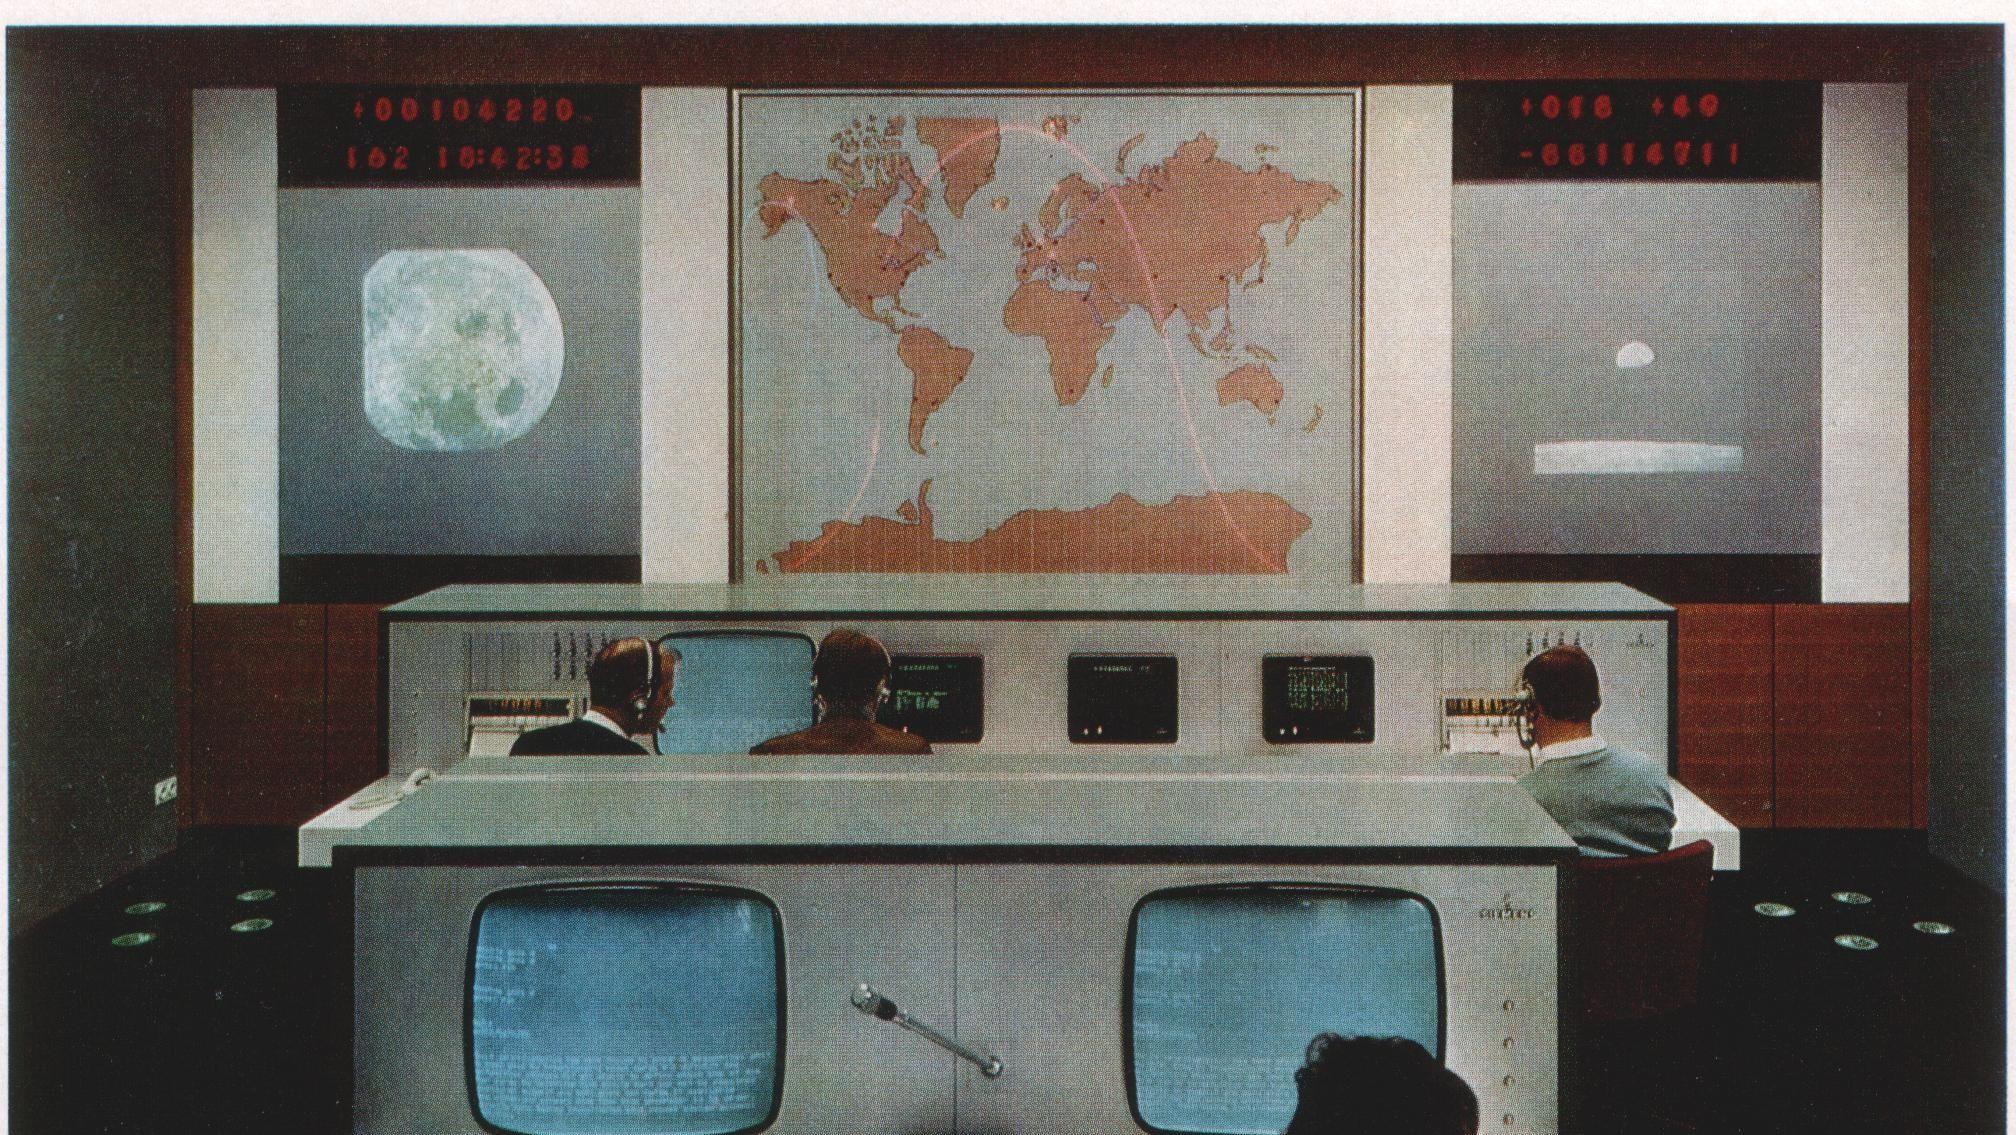 Überwachung der Azur-Mission im Deutschen Raumfahrt-Kontrollzentrum in Oberpfaffenhofen.